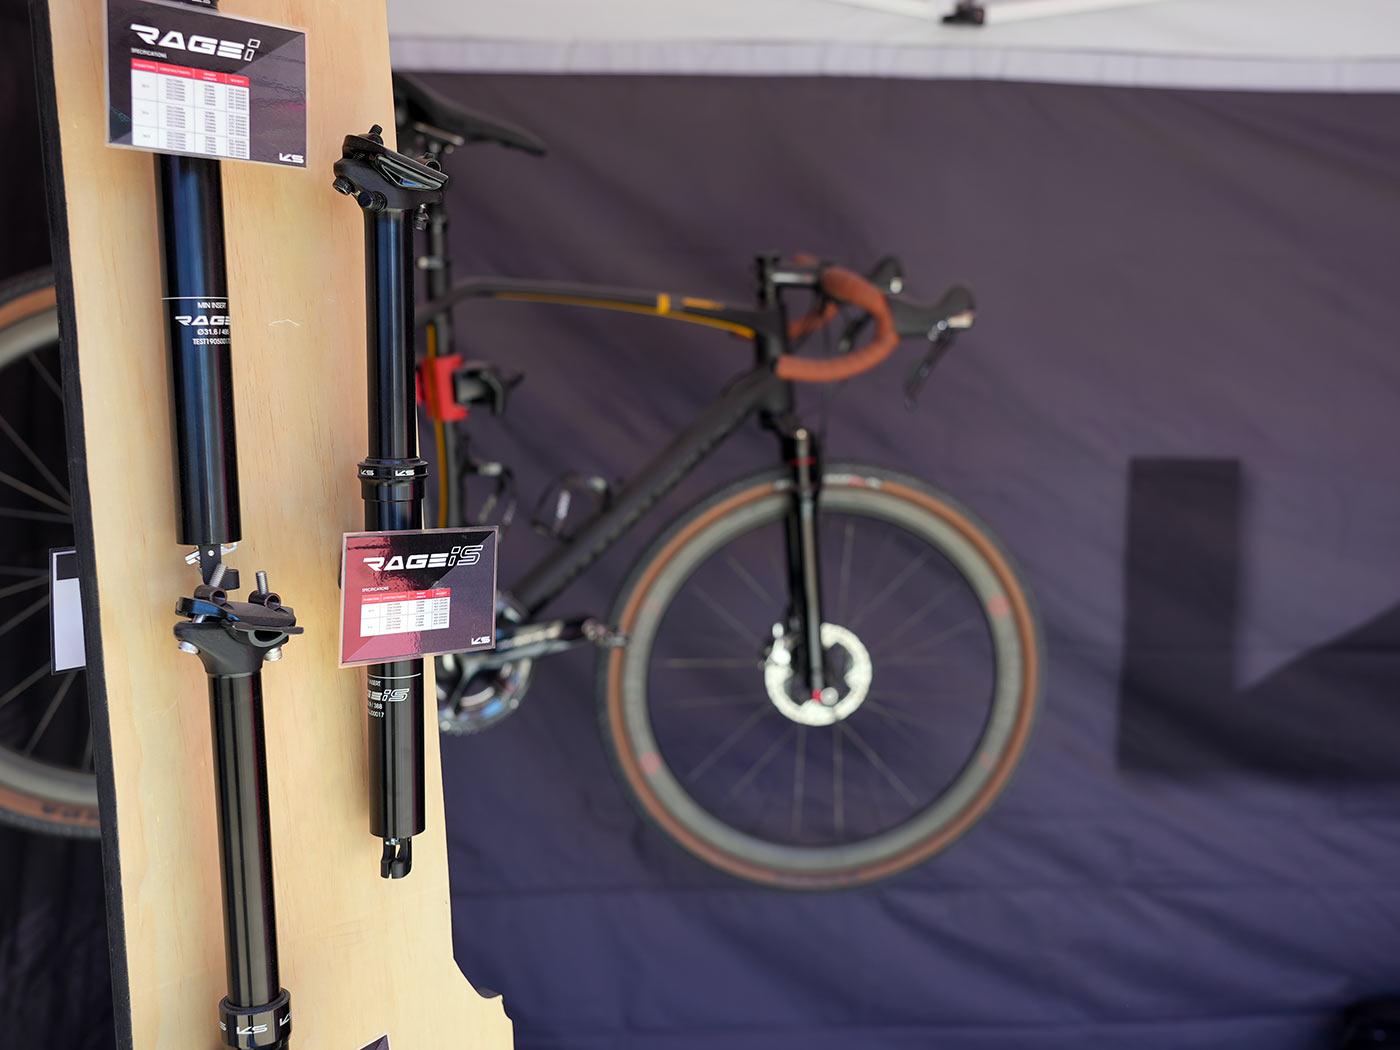 Tija de sillín telescópica con suspensión KS Rage iS y horquilla de suspensión de grava de carbono prototipo emergente